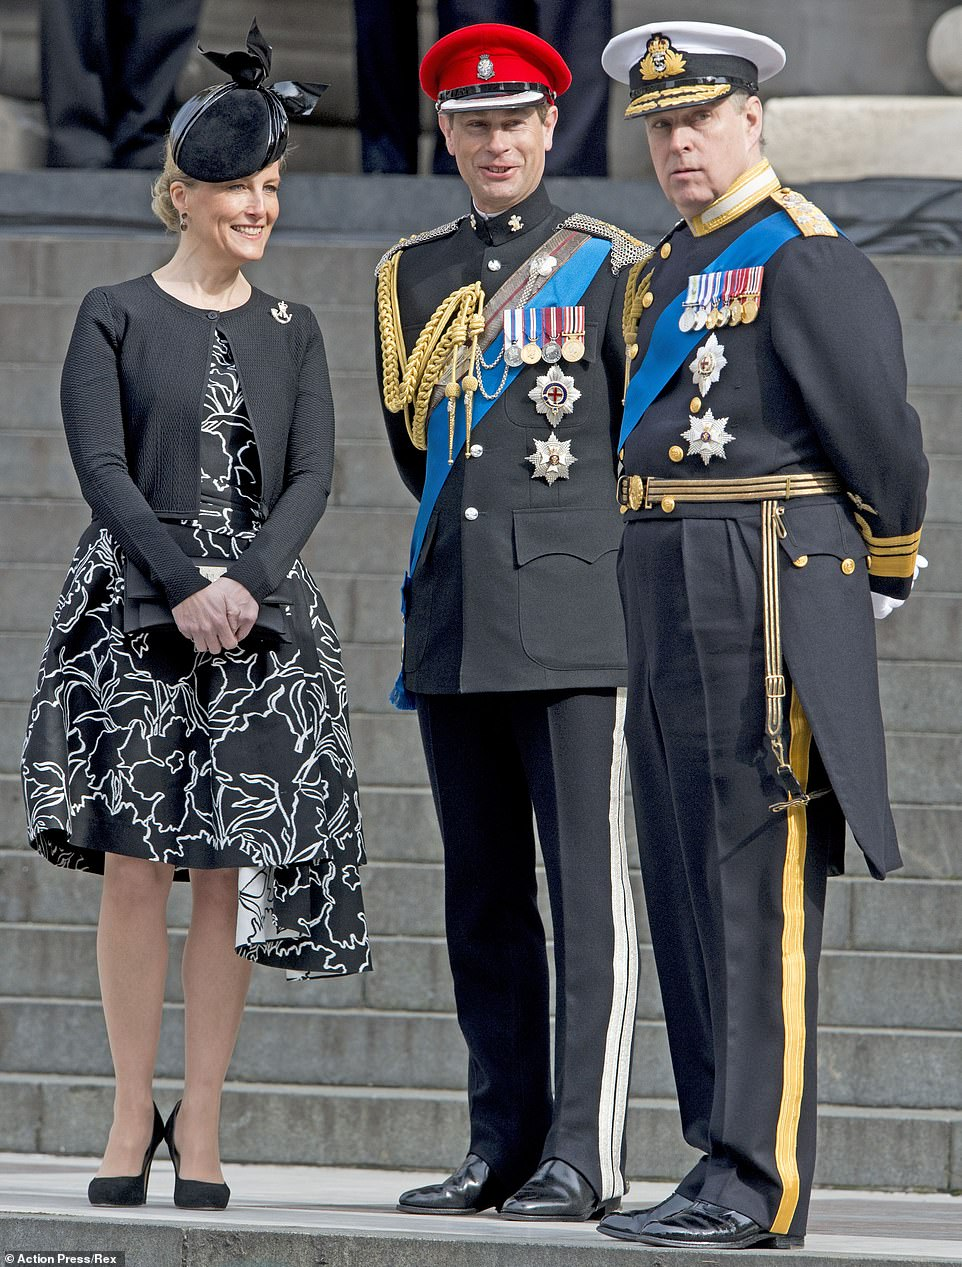 Η κόμμησα του Γουέσεξ μαζί με τον Πρίγκιπα Εδουάρδο και τον αδελφό του Πρίγκιπα Ανδρέα